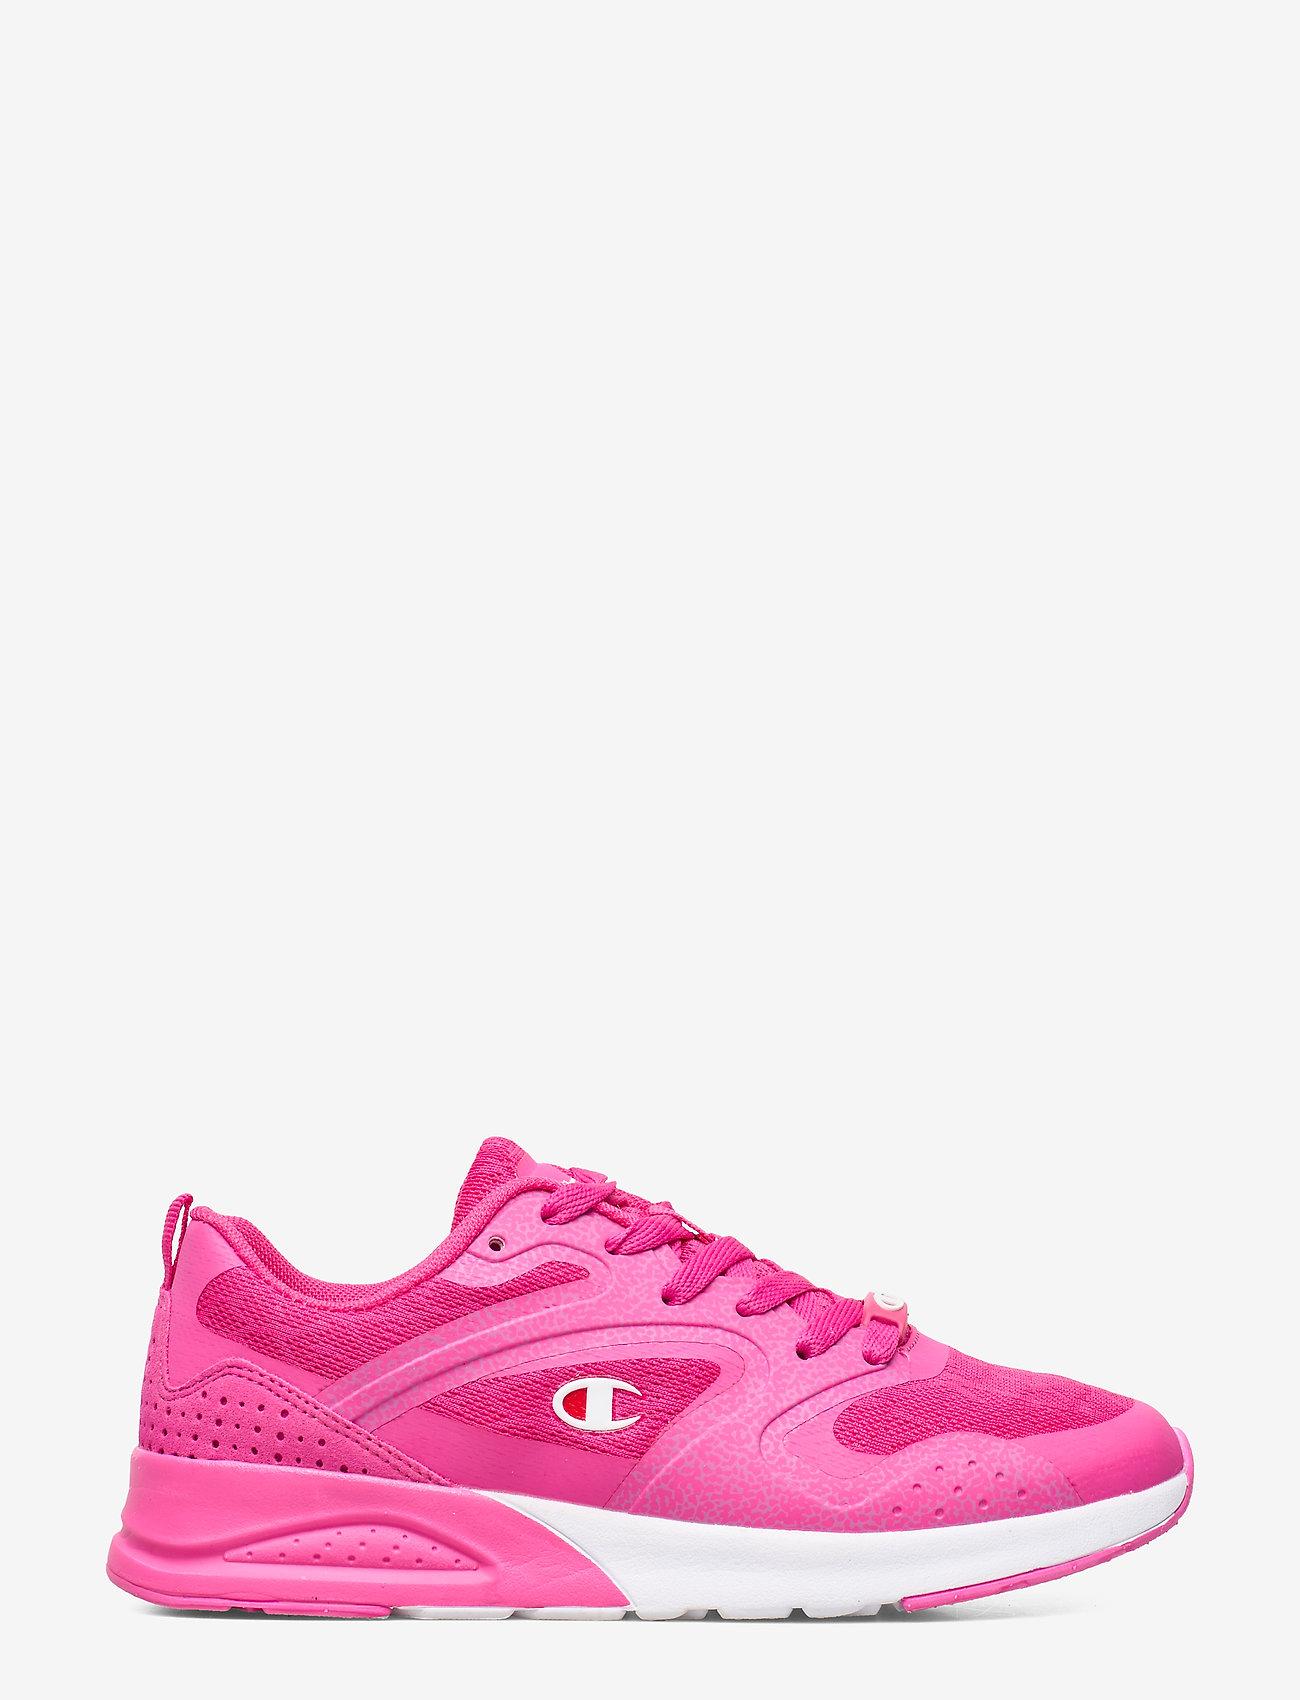 Champion Low Cut Shoe Sleek - Sneakers Fup